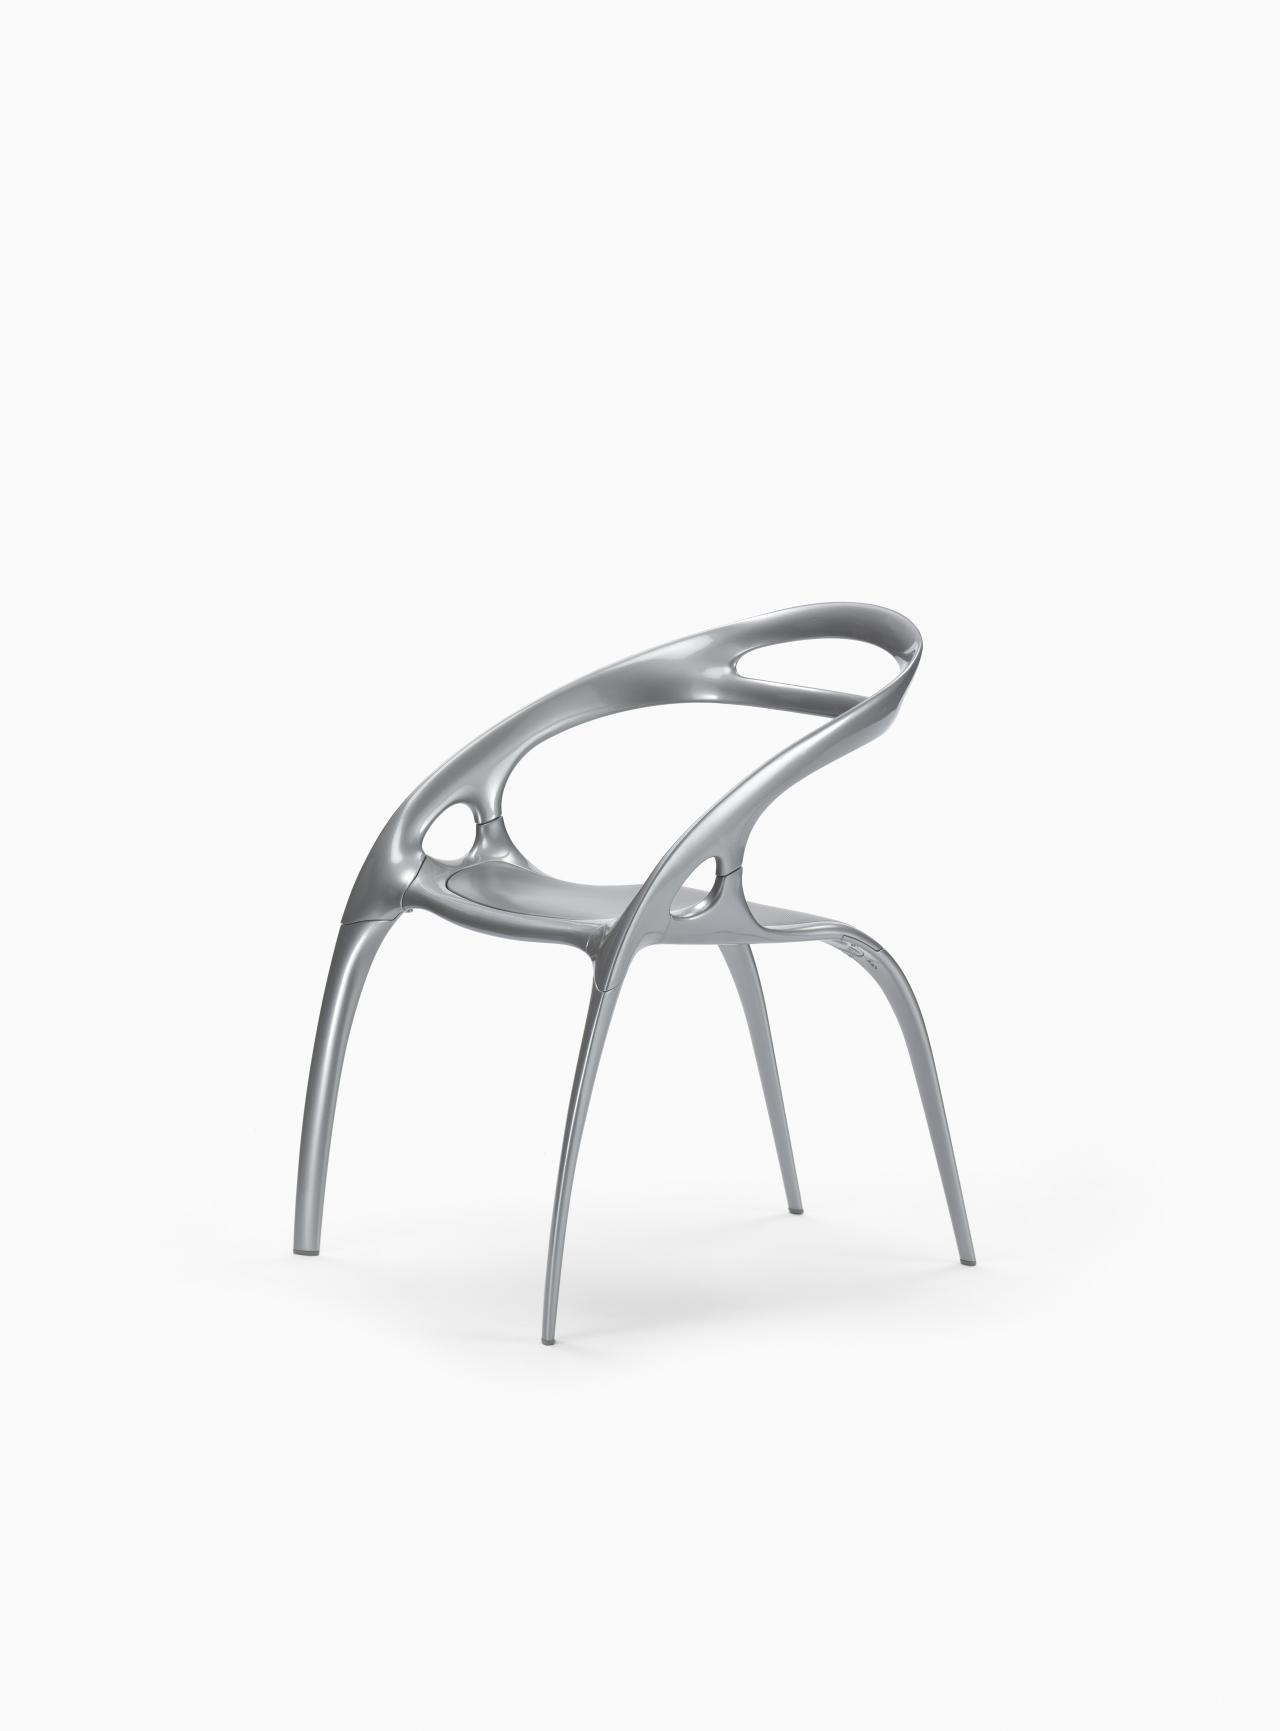 go chair ross lovegrove designer bernhardt design lenoir